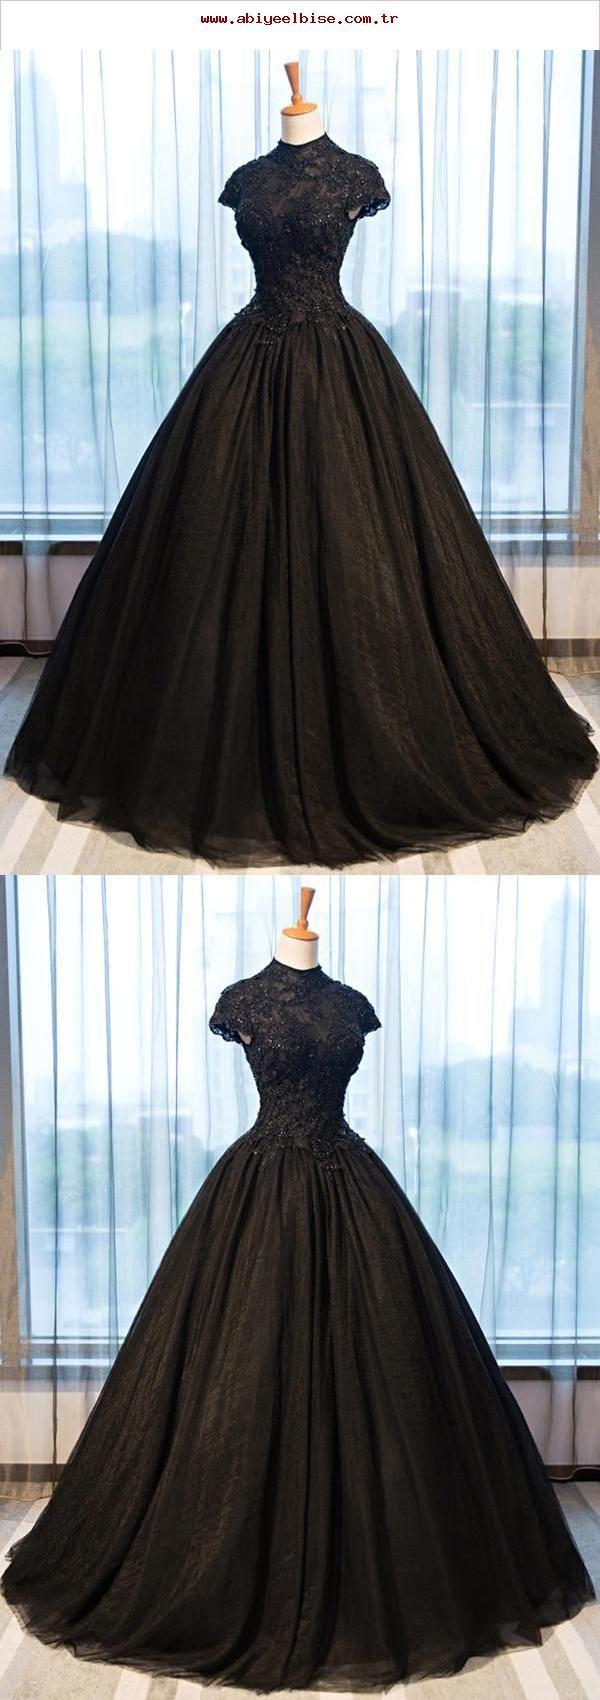 Schwarze Abendkleider, Open-Back-Abendkleid, High Neck-Abendkleid